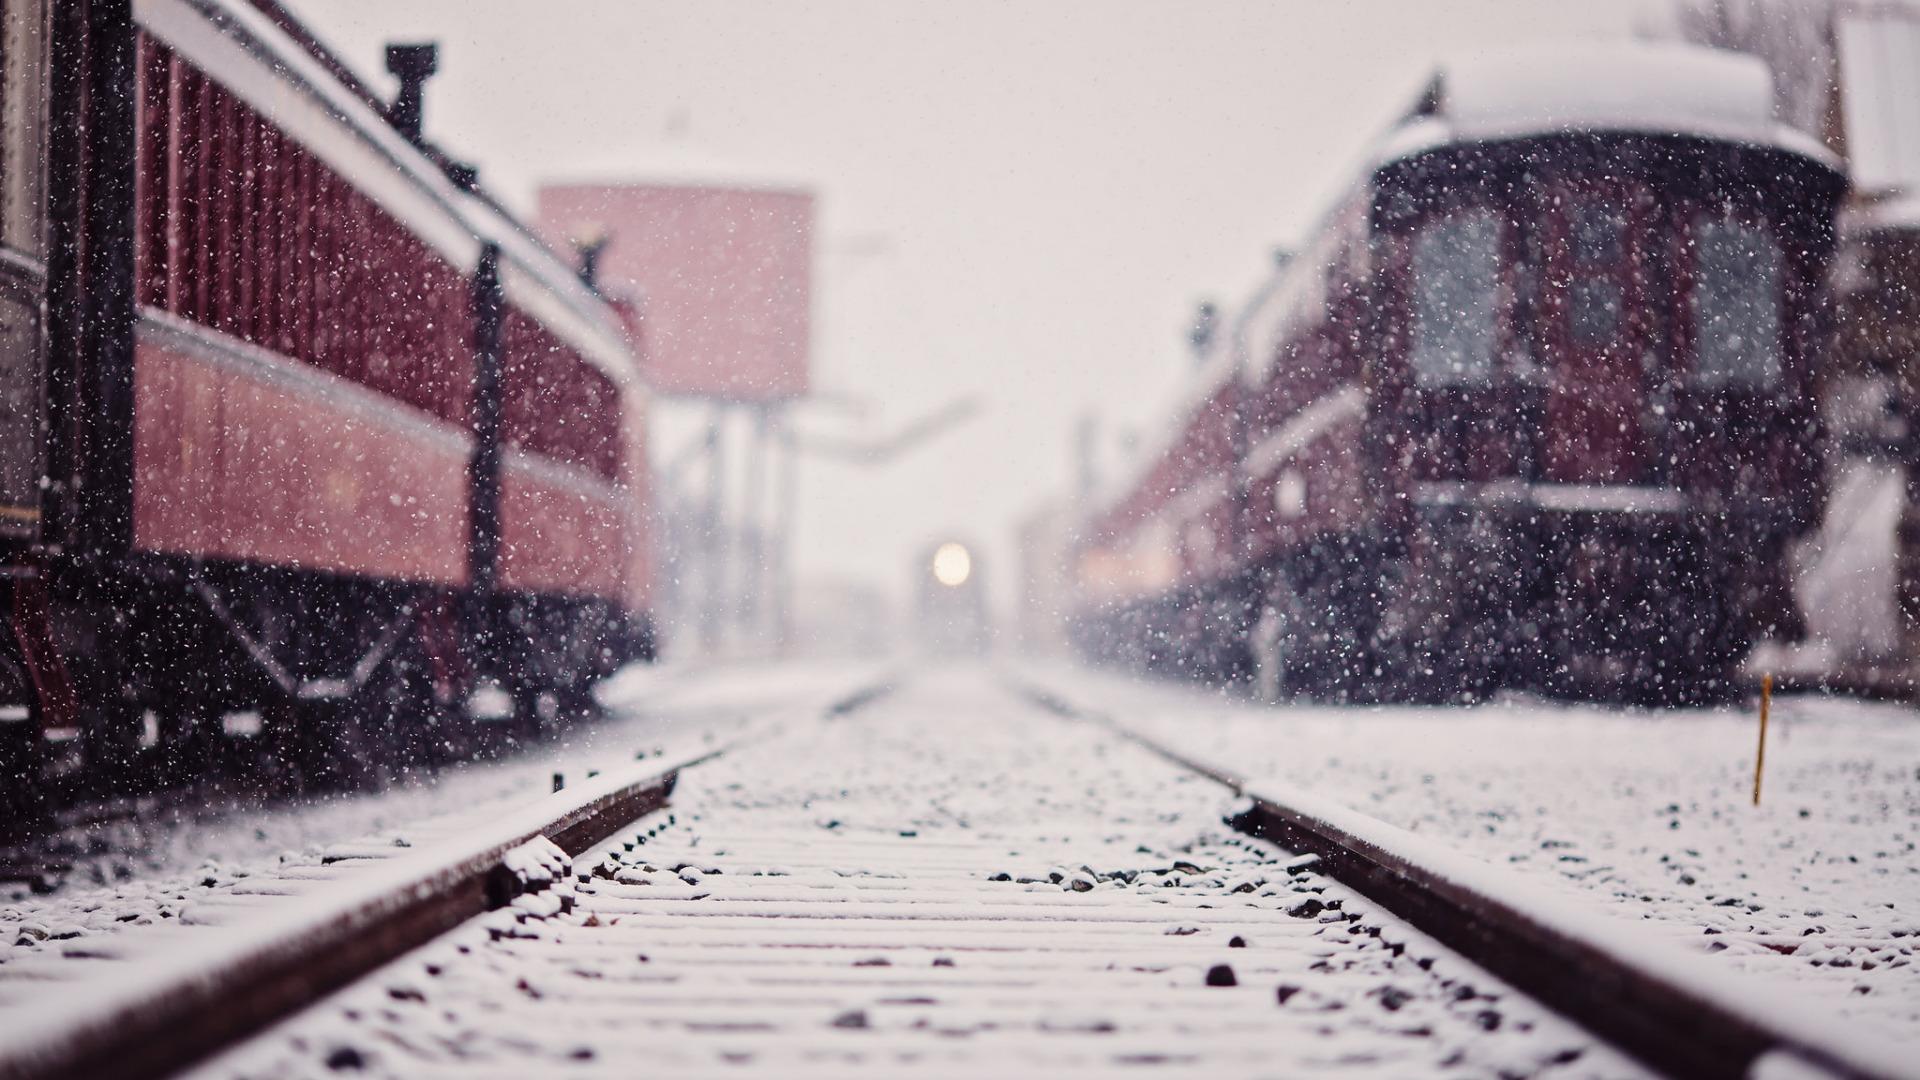 Идёт поезд через станцию вашей жизни